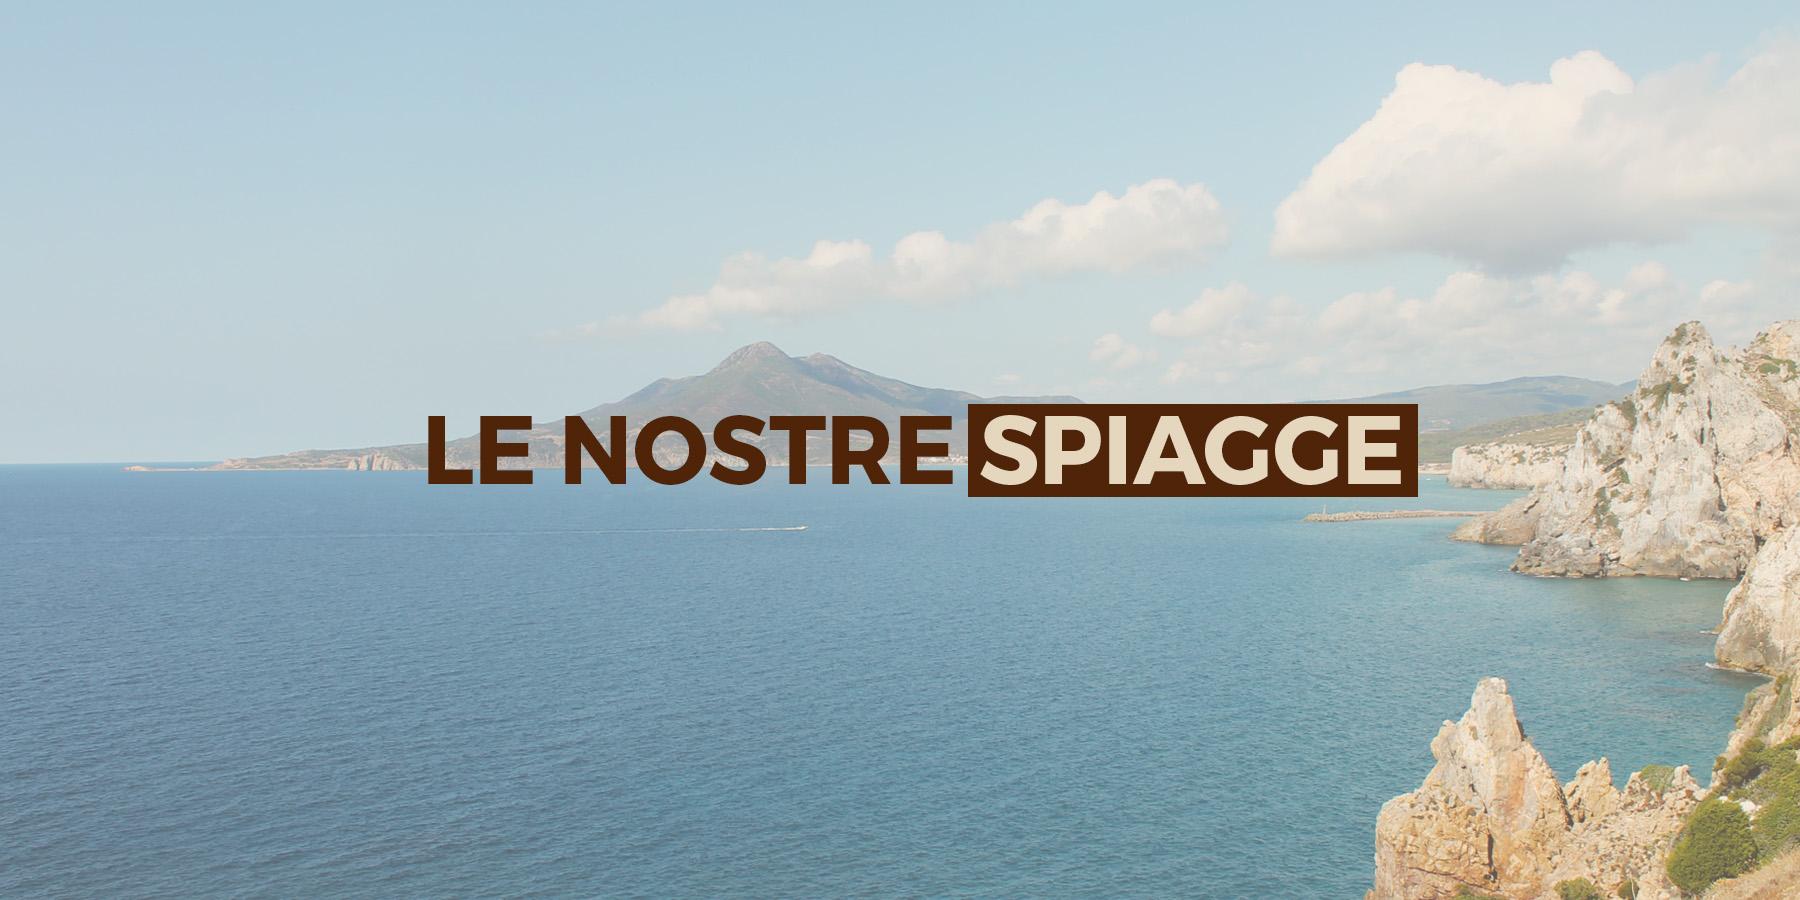 StartUno-Servizi-turistici-le spiagge-buggerru-fluminimaggiore